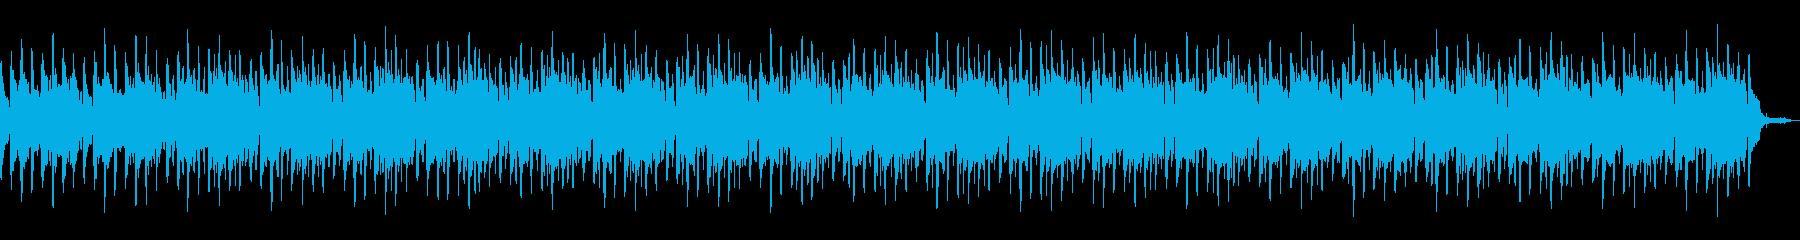 ハープと川のせせらぎのゆったりカノンの再生済みの波形